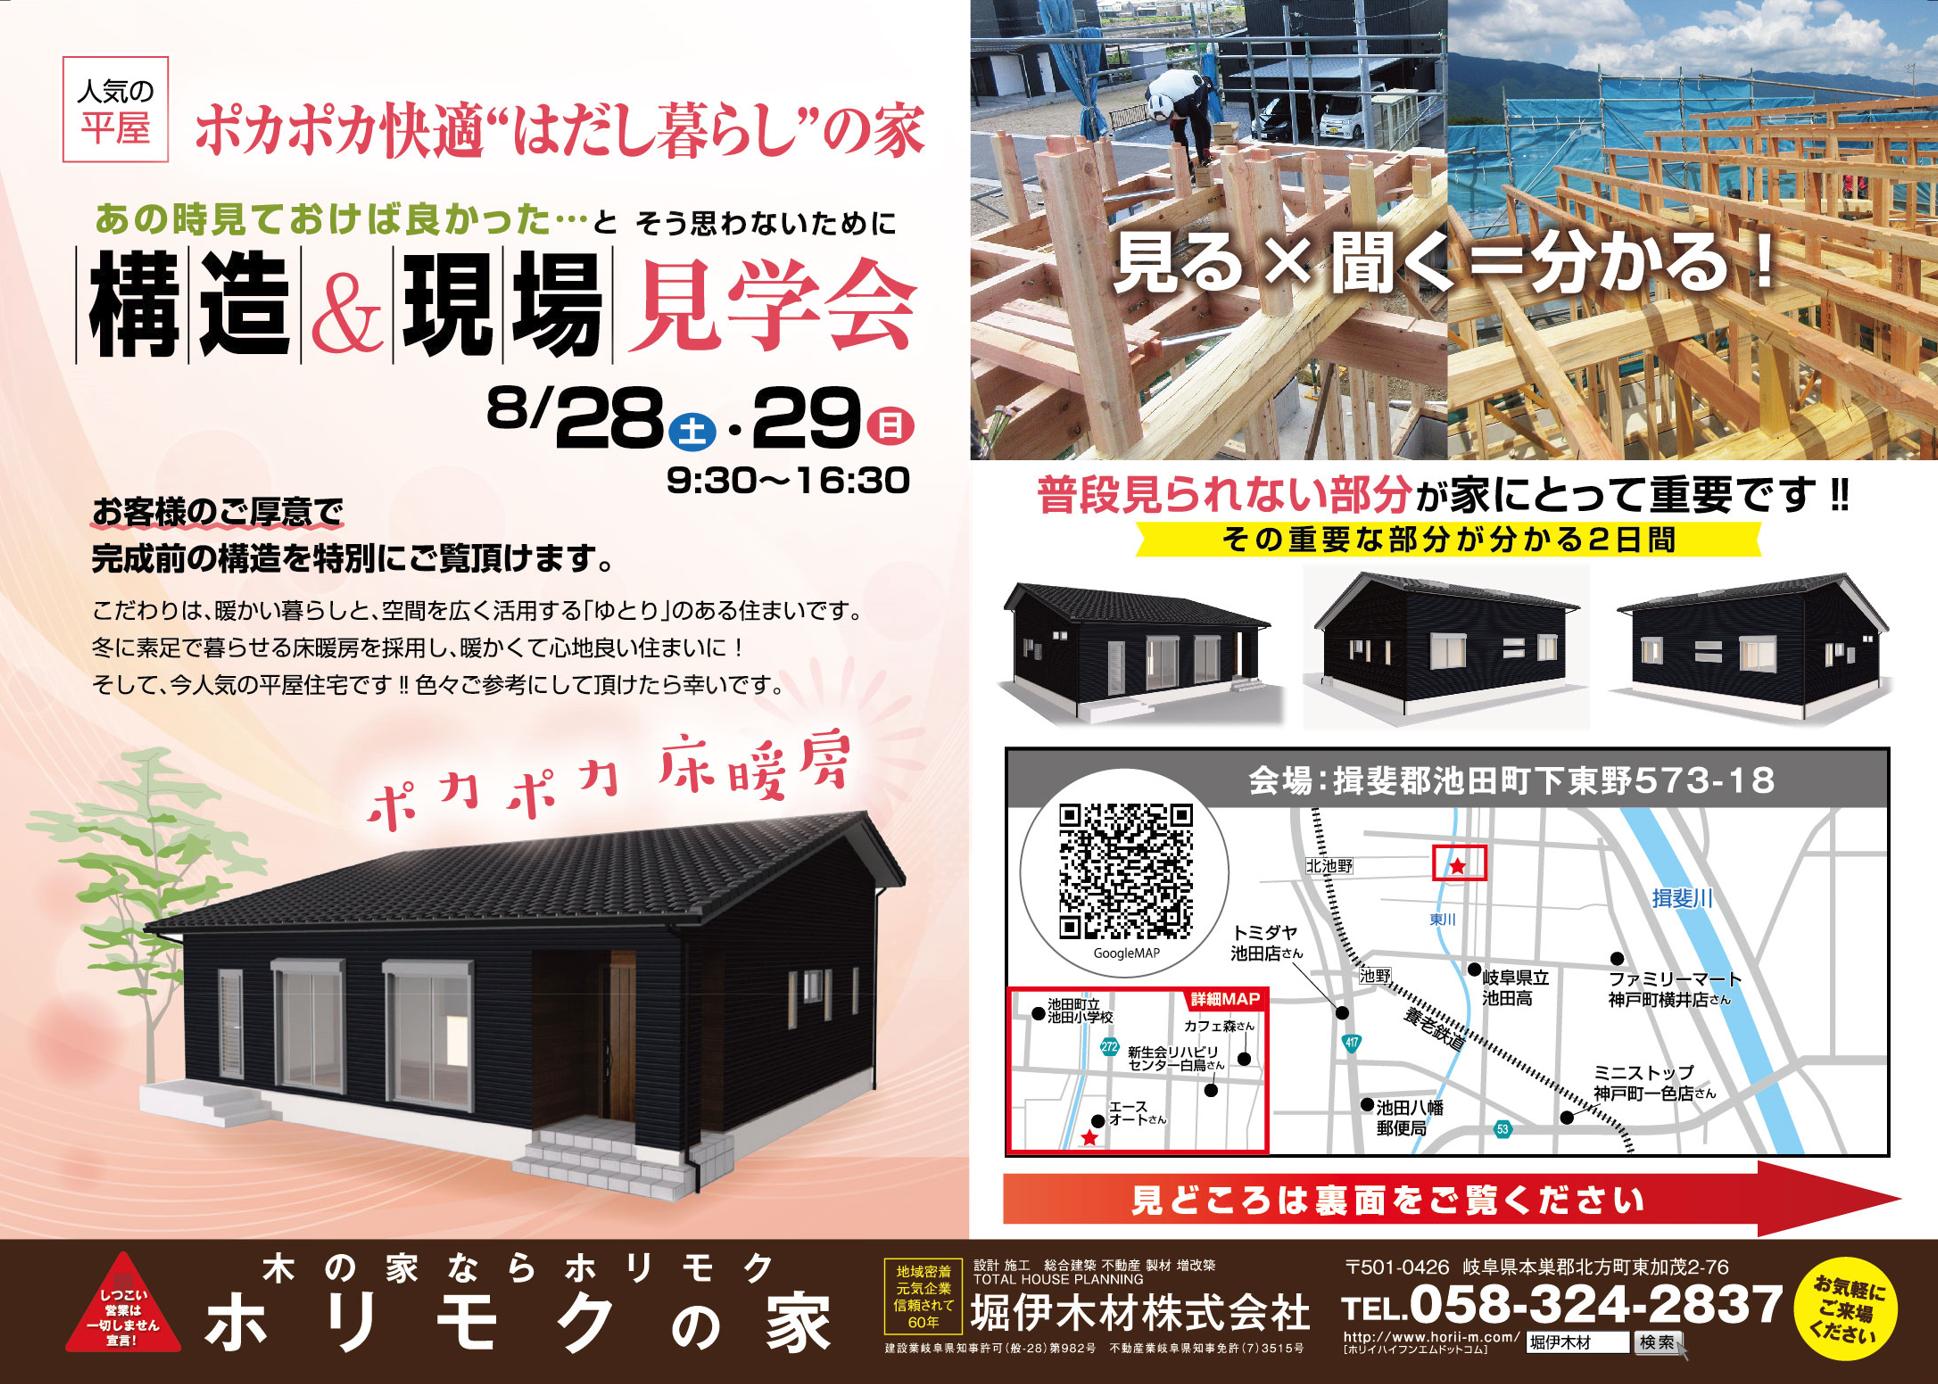 【終了】8月28日(土)・8月29日(日) 構造&現場見学会